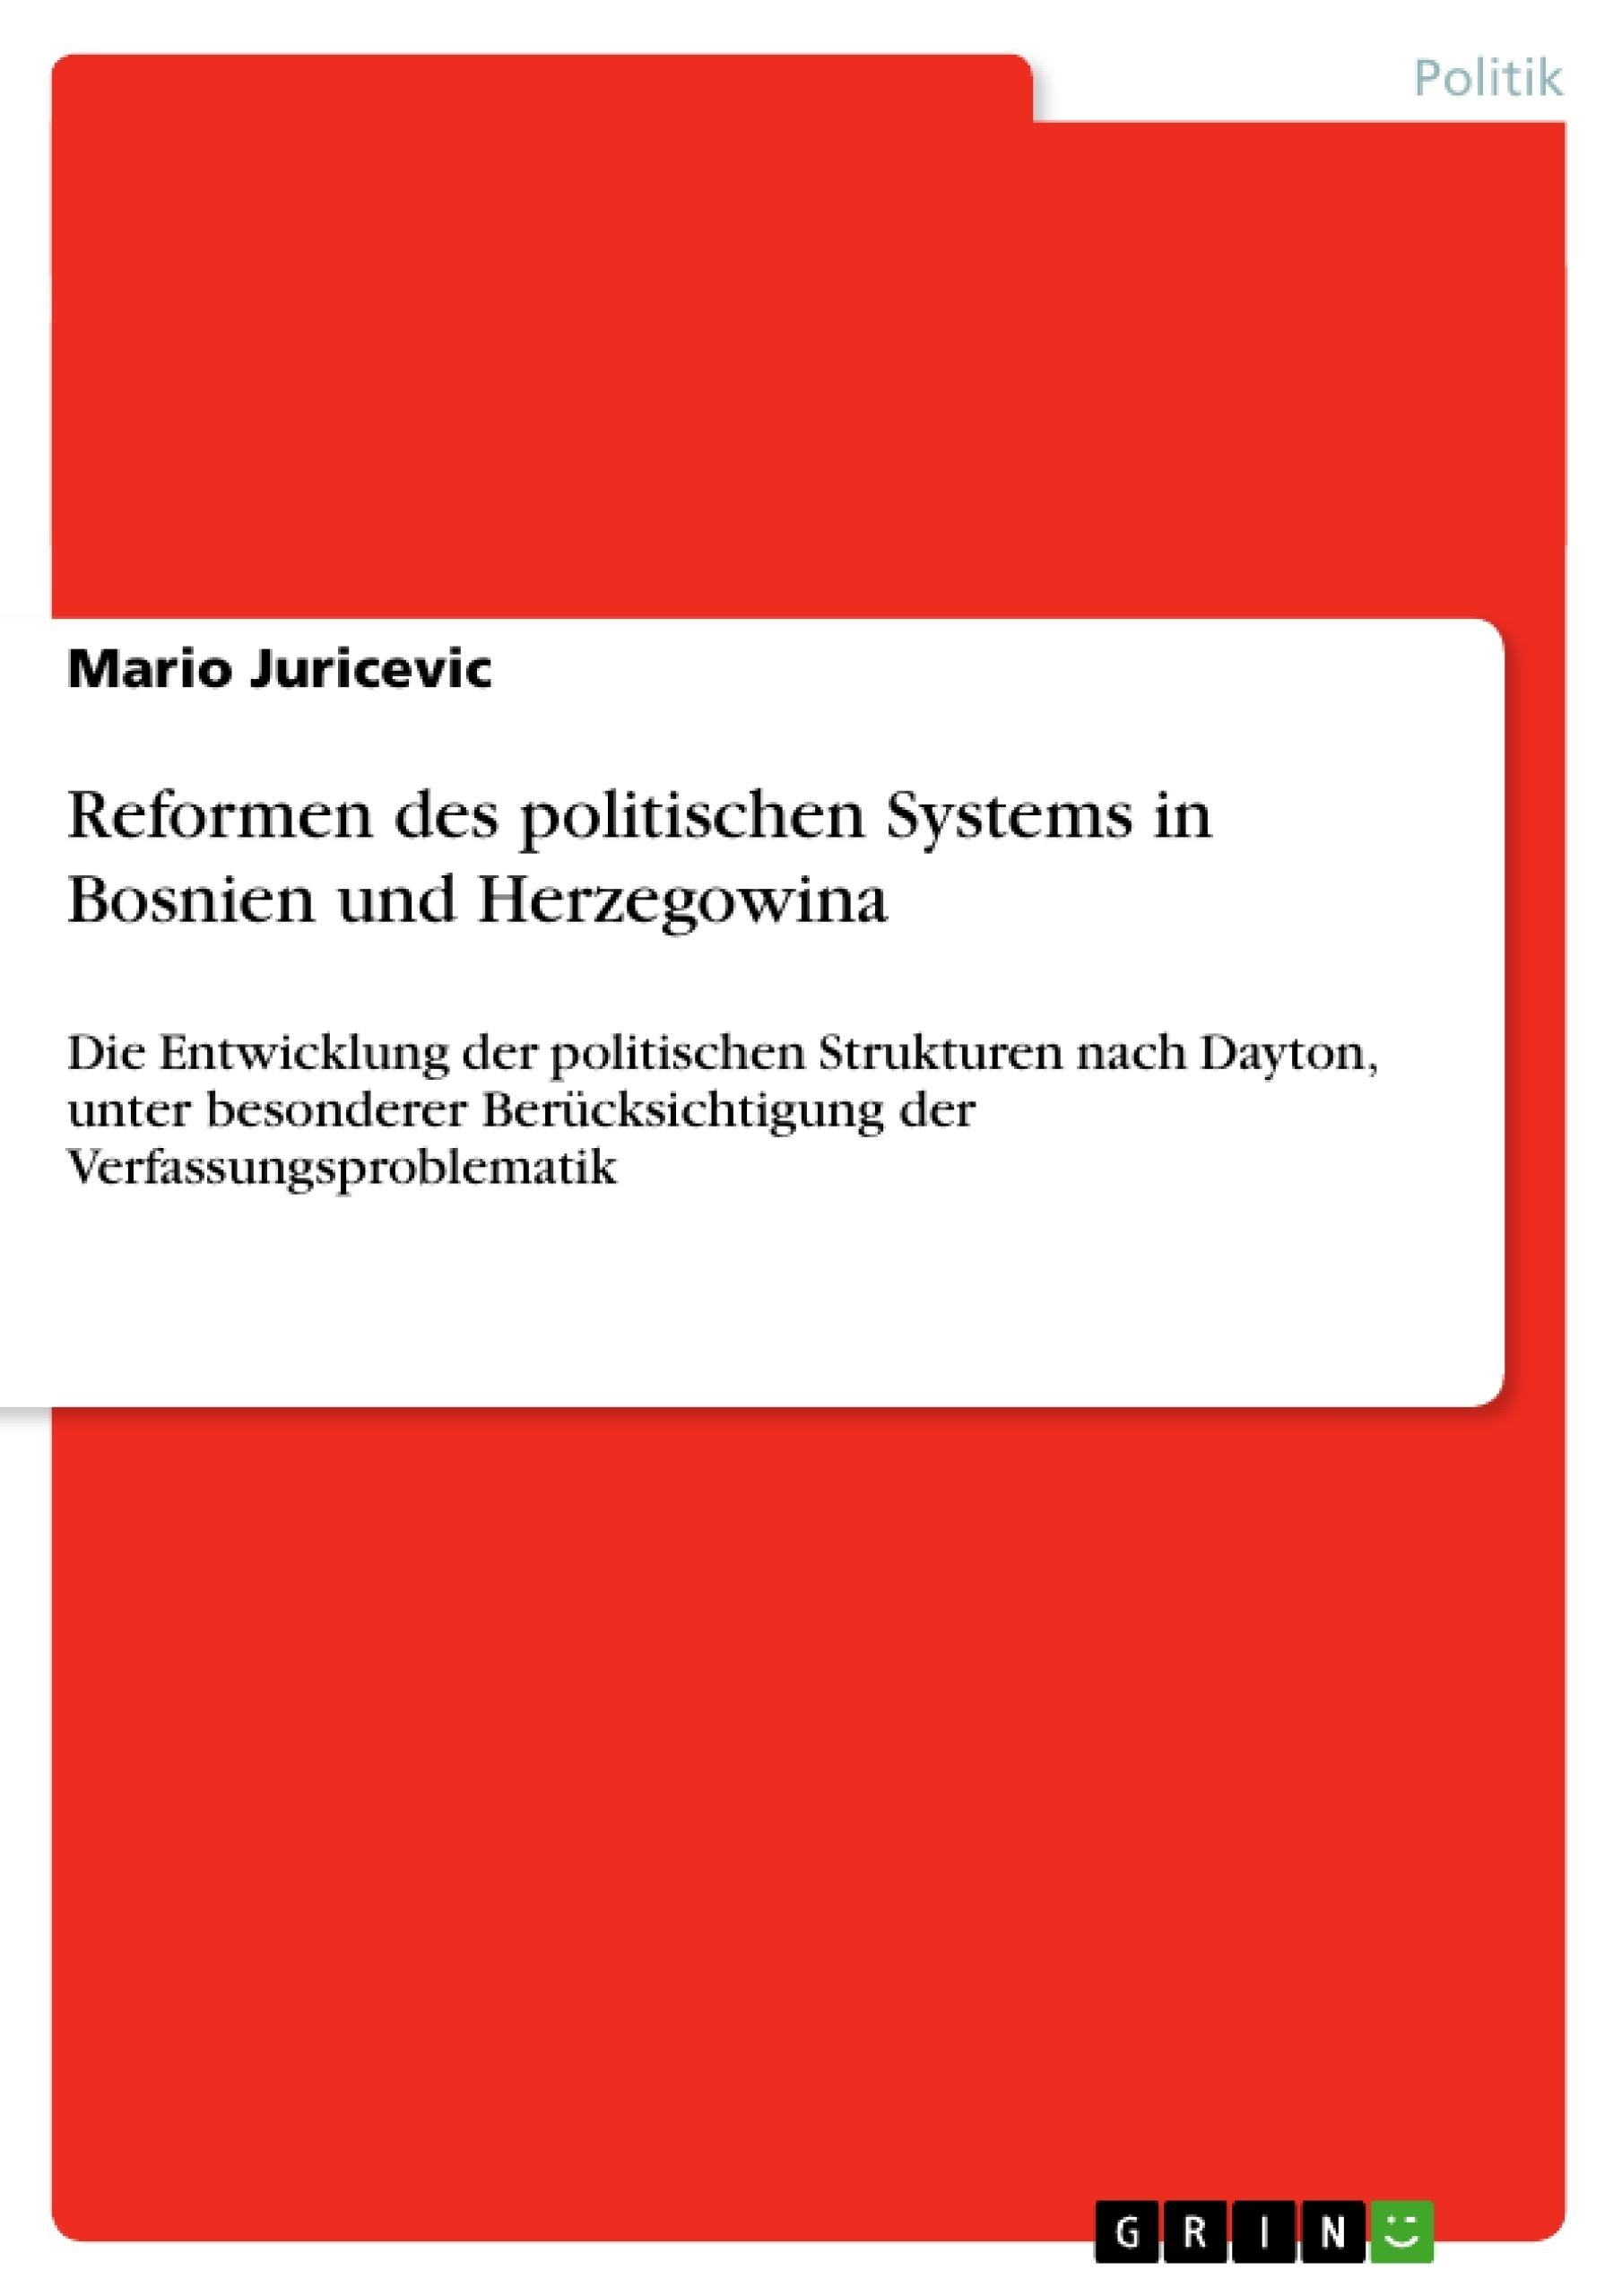 Titel: Reformen des politischen Systems in Bosnien und Herzegowina